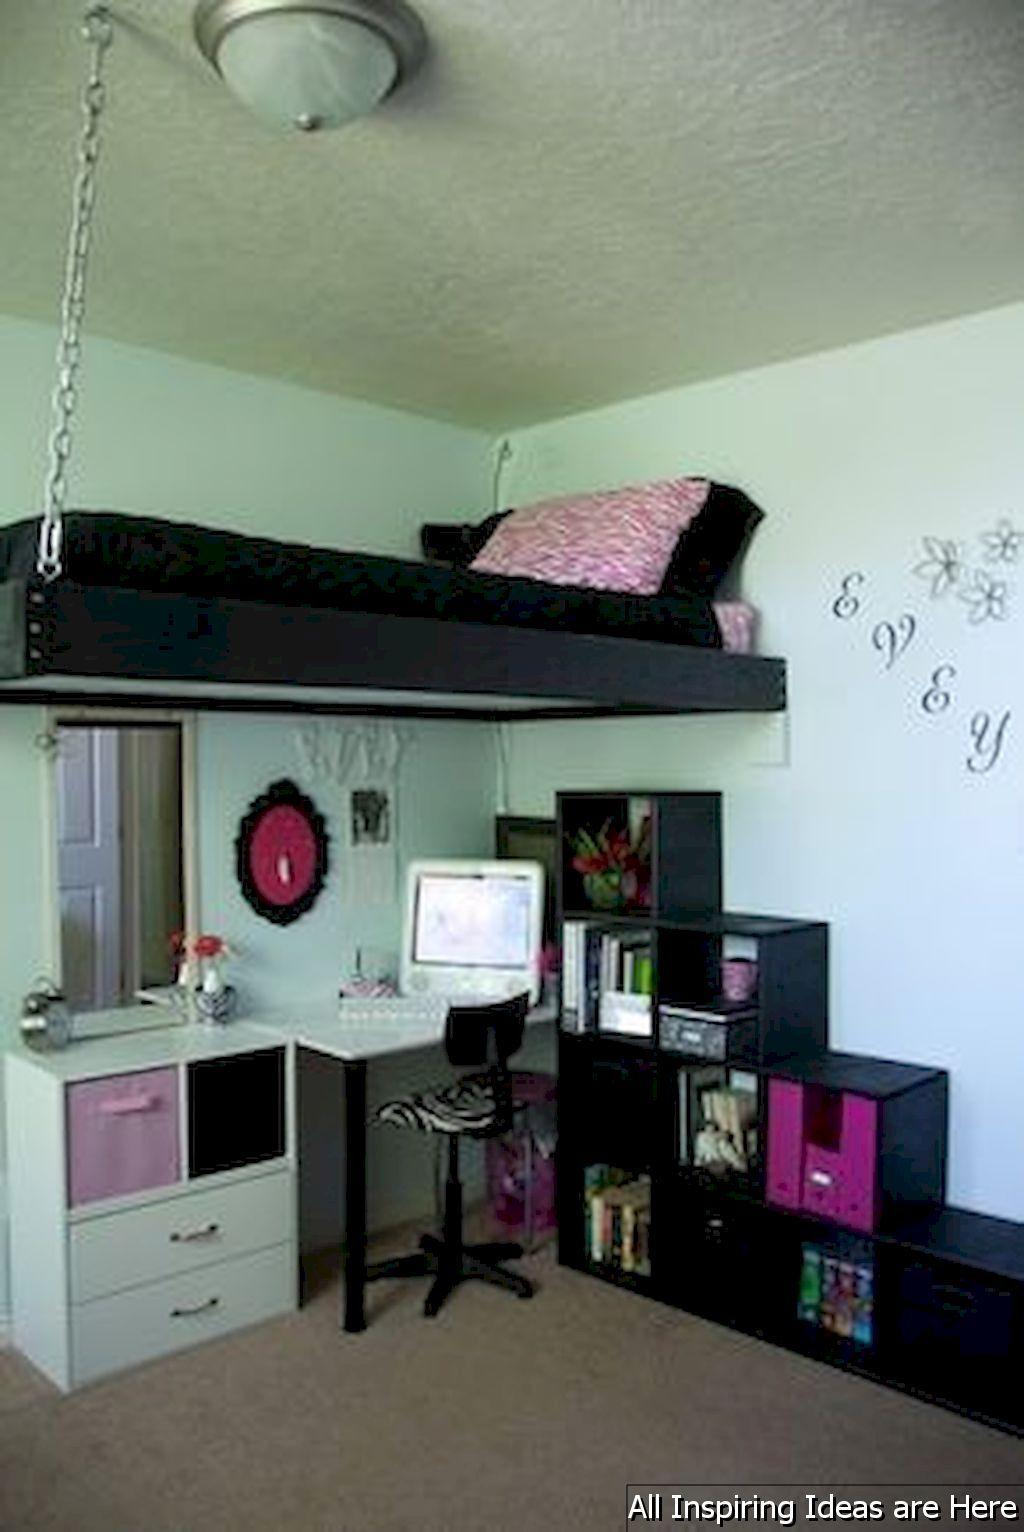 Loft bedroom design ideas   Interesting Small Loft Bedroom Design Ideas  Small loft bedroom